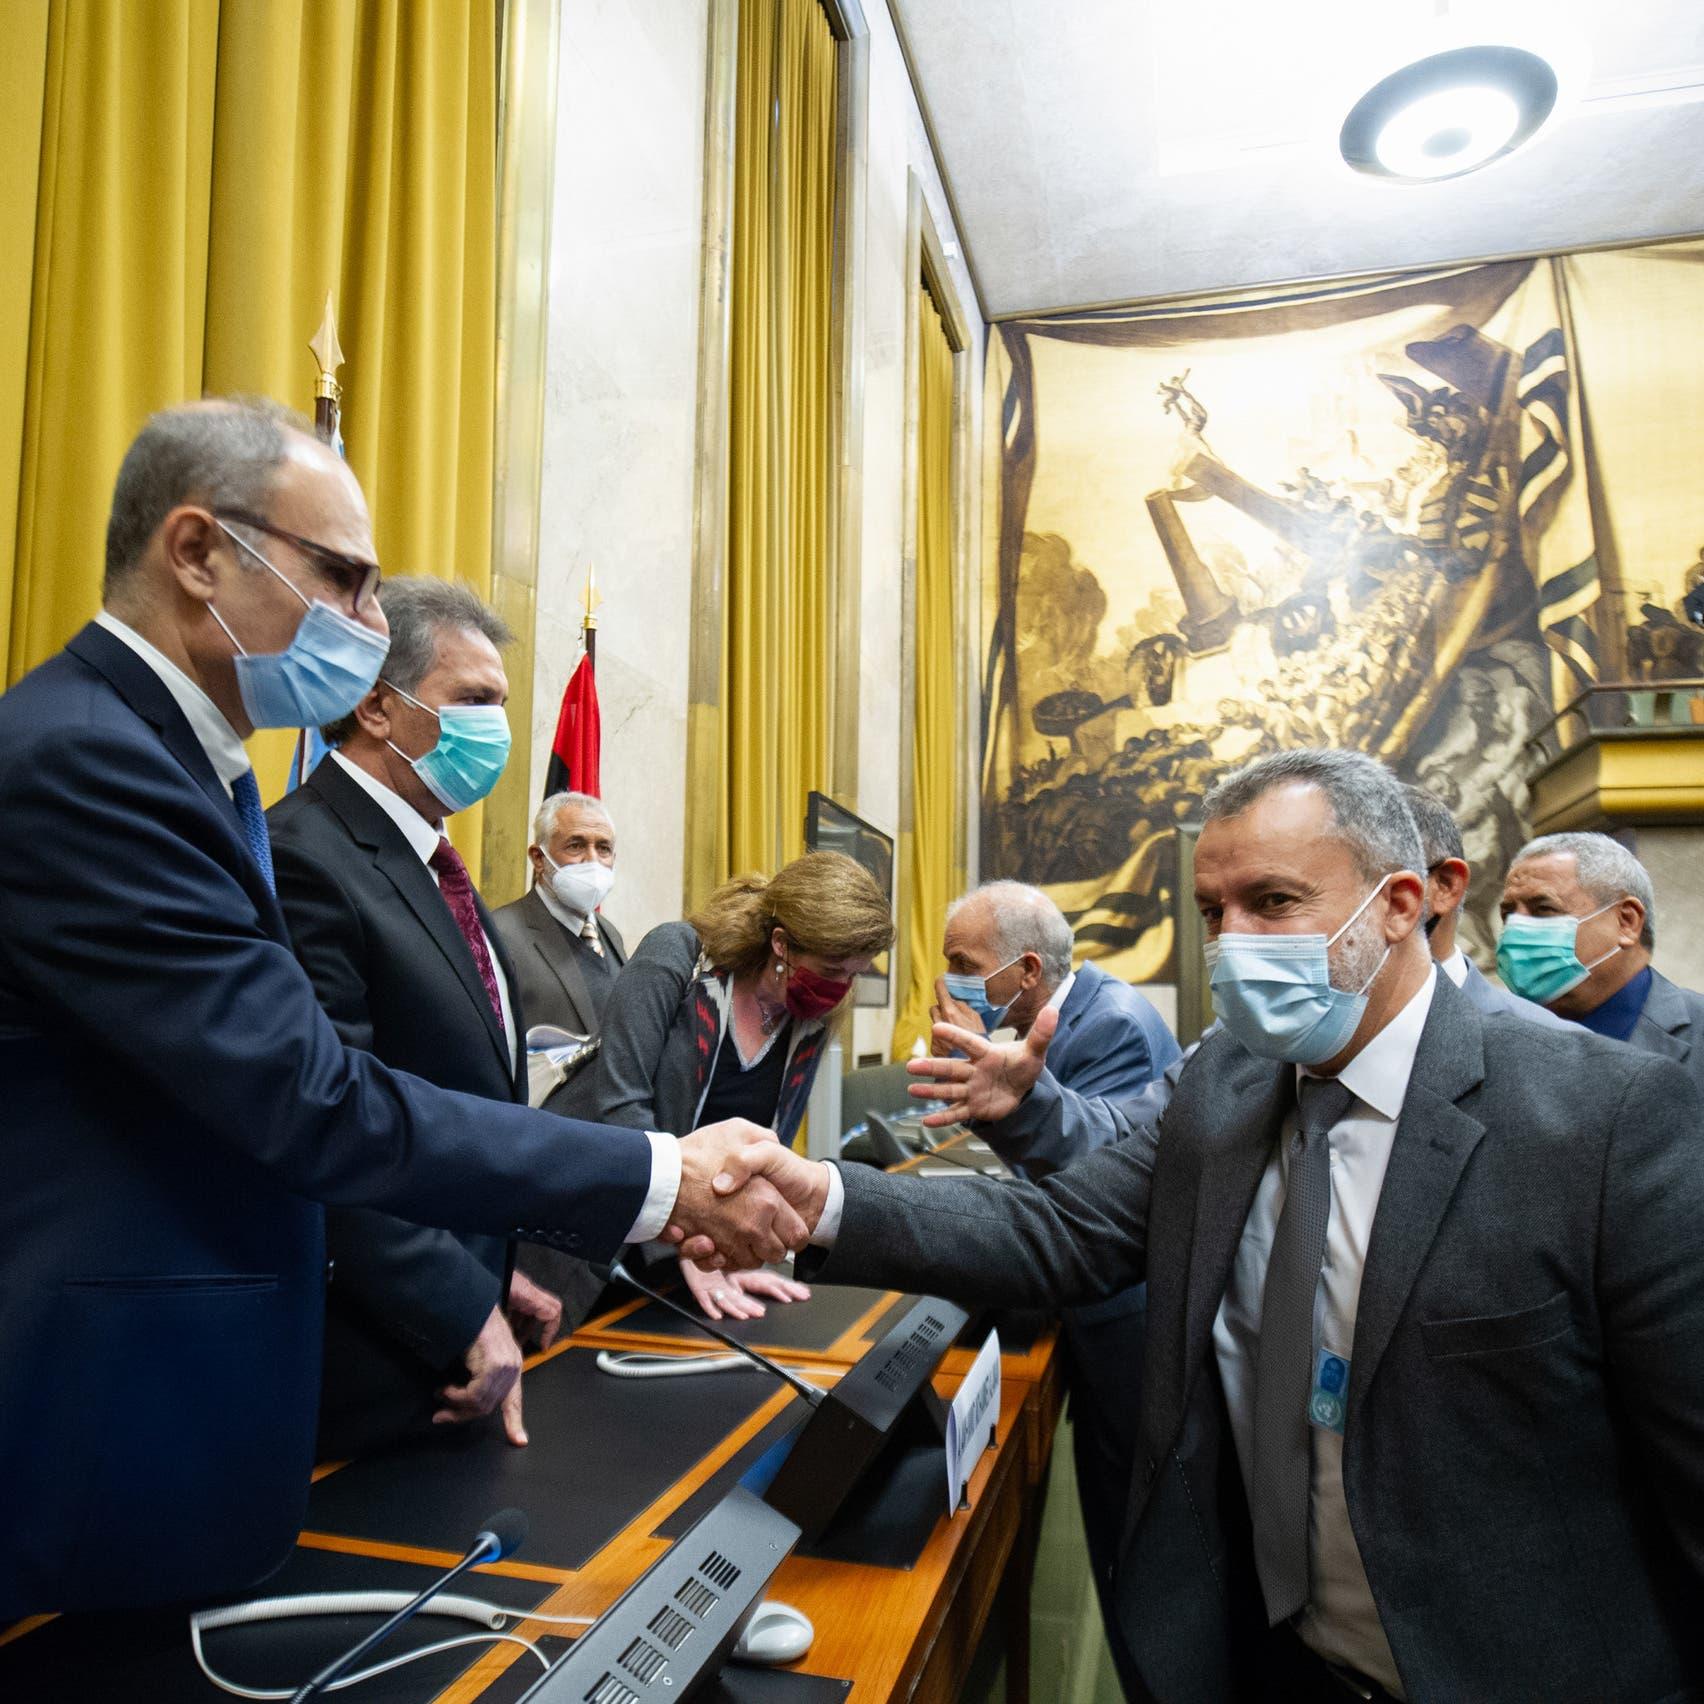 حوار ليبيا.. انتقادات لقائمة المشاركين وتململ من الإخوان